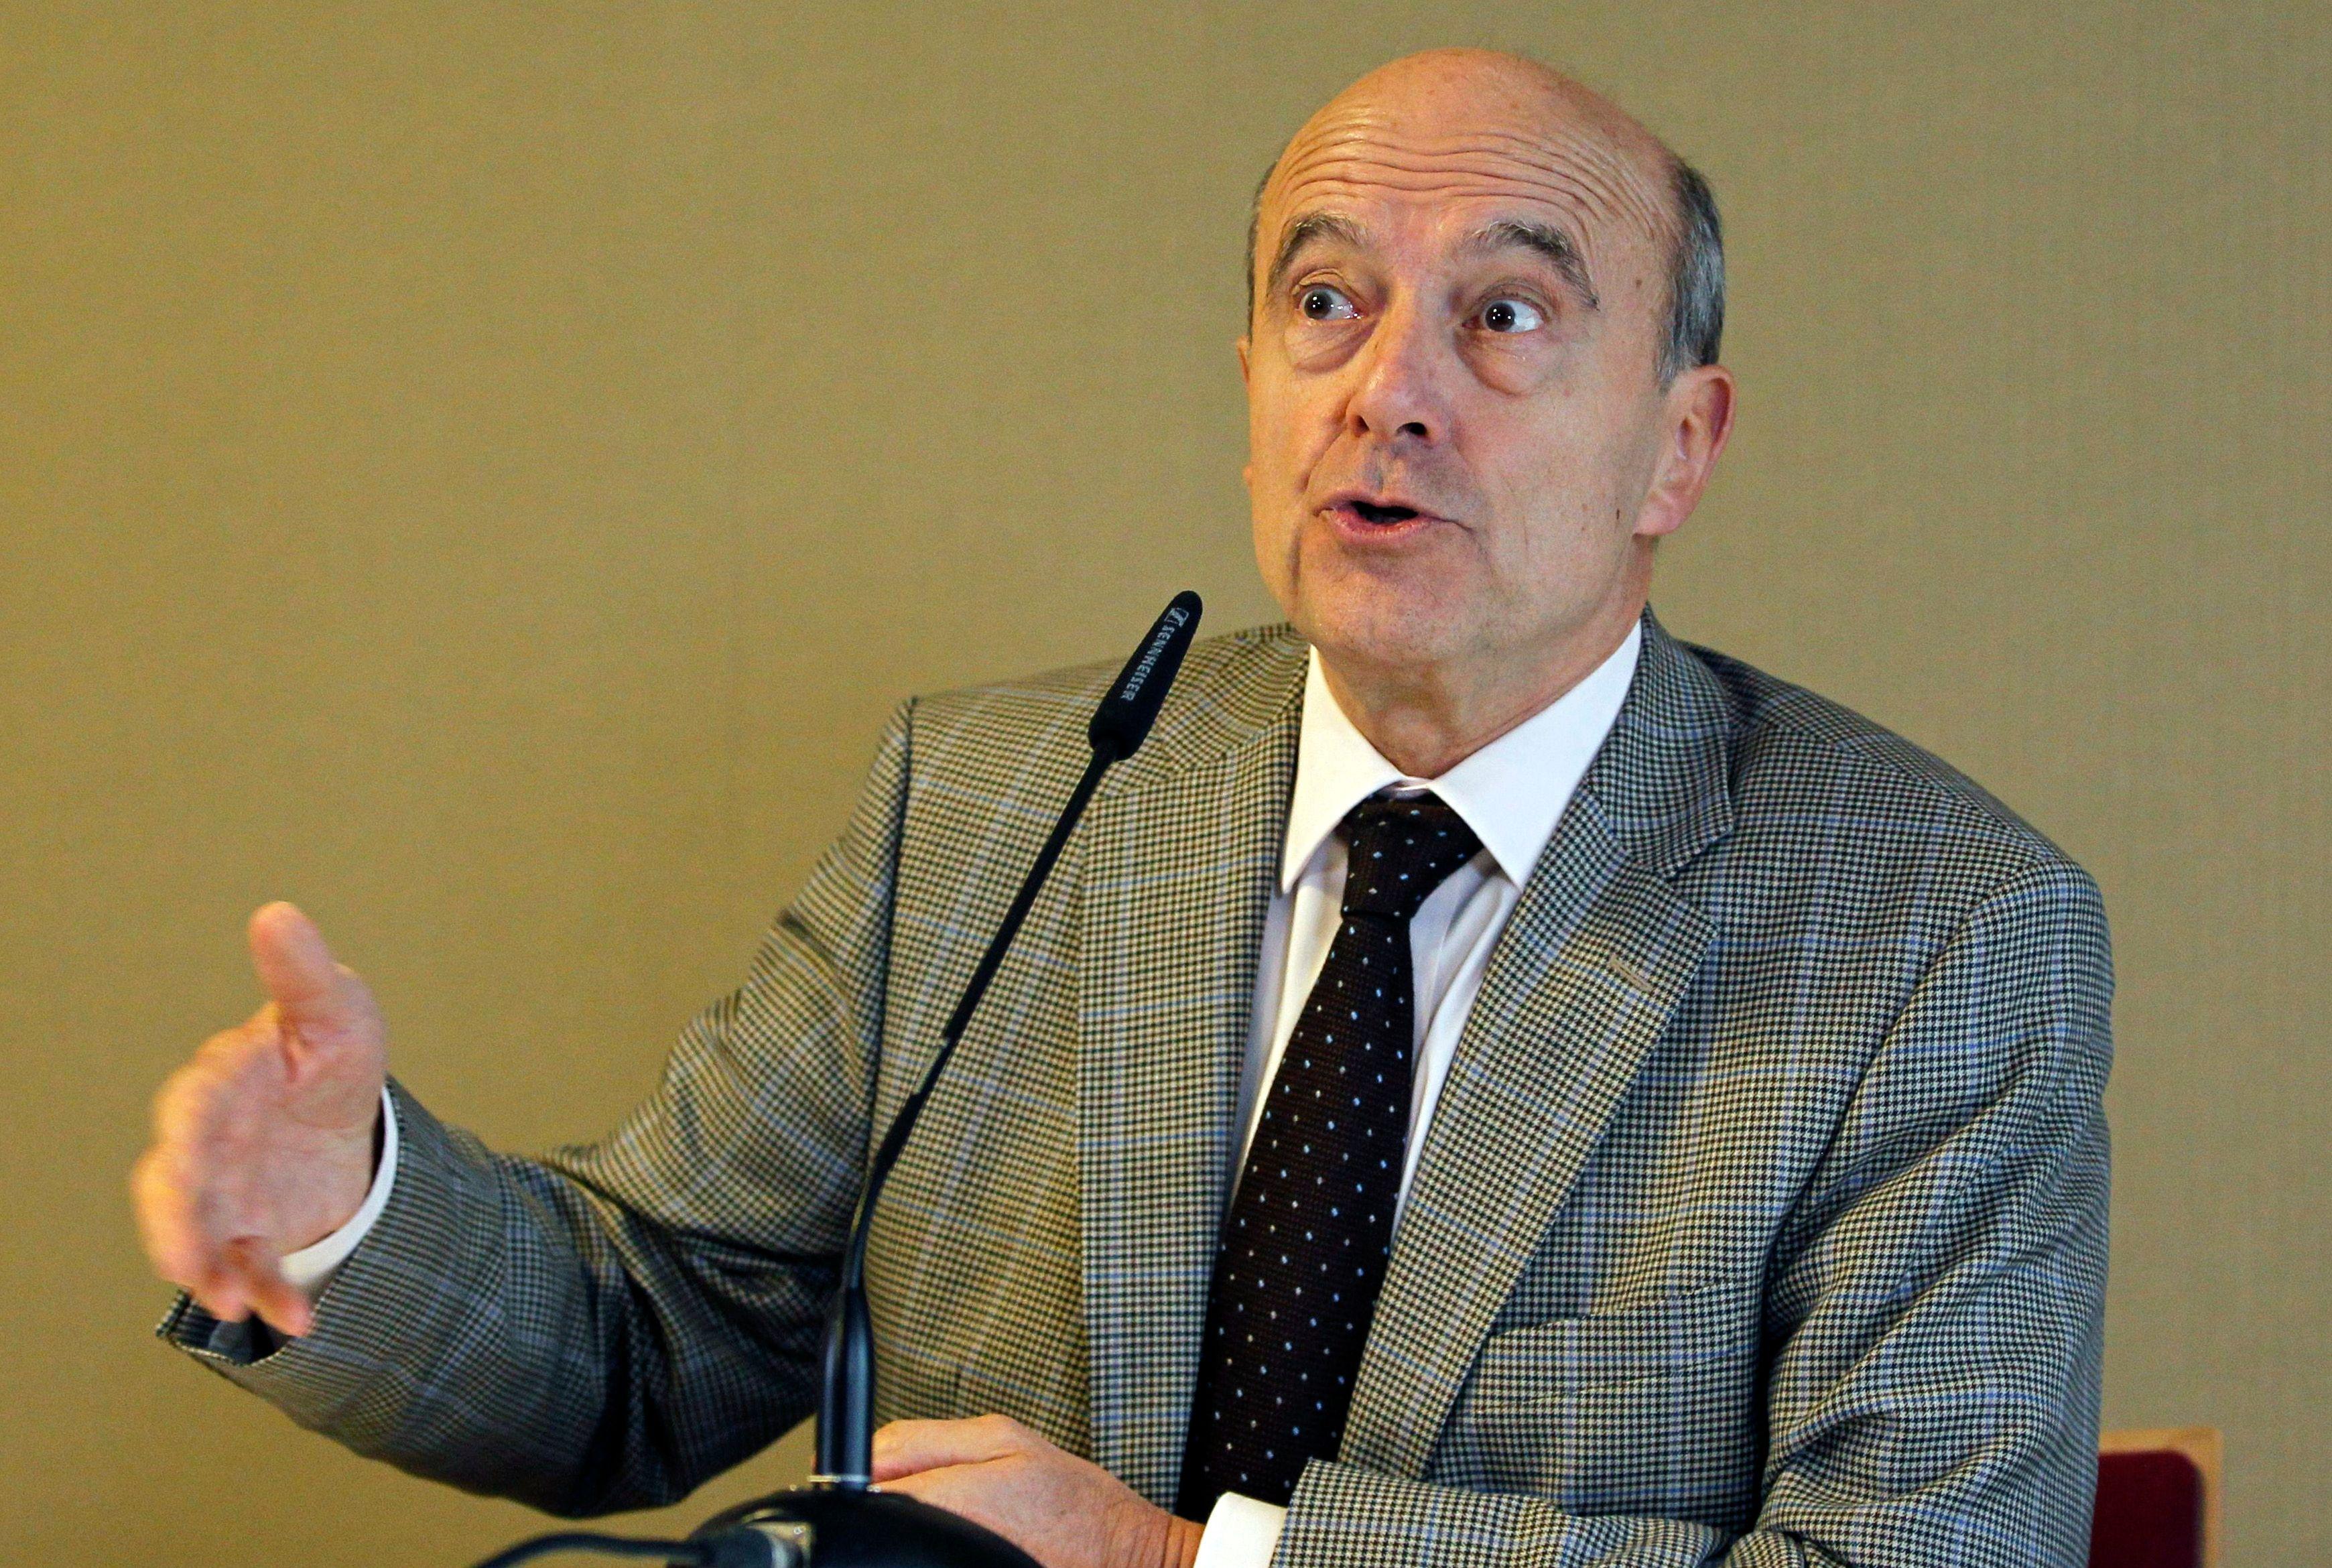 Pour Alain Juppé, l'affaire Bygmalion a fait mal à l'UMP